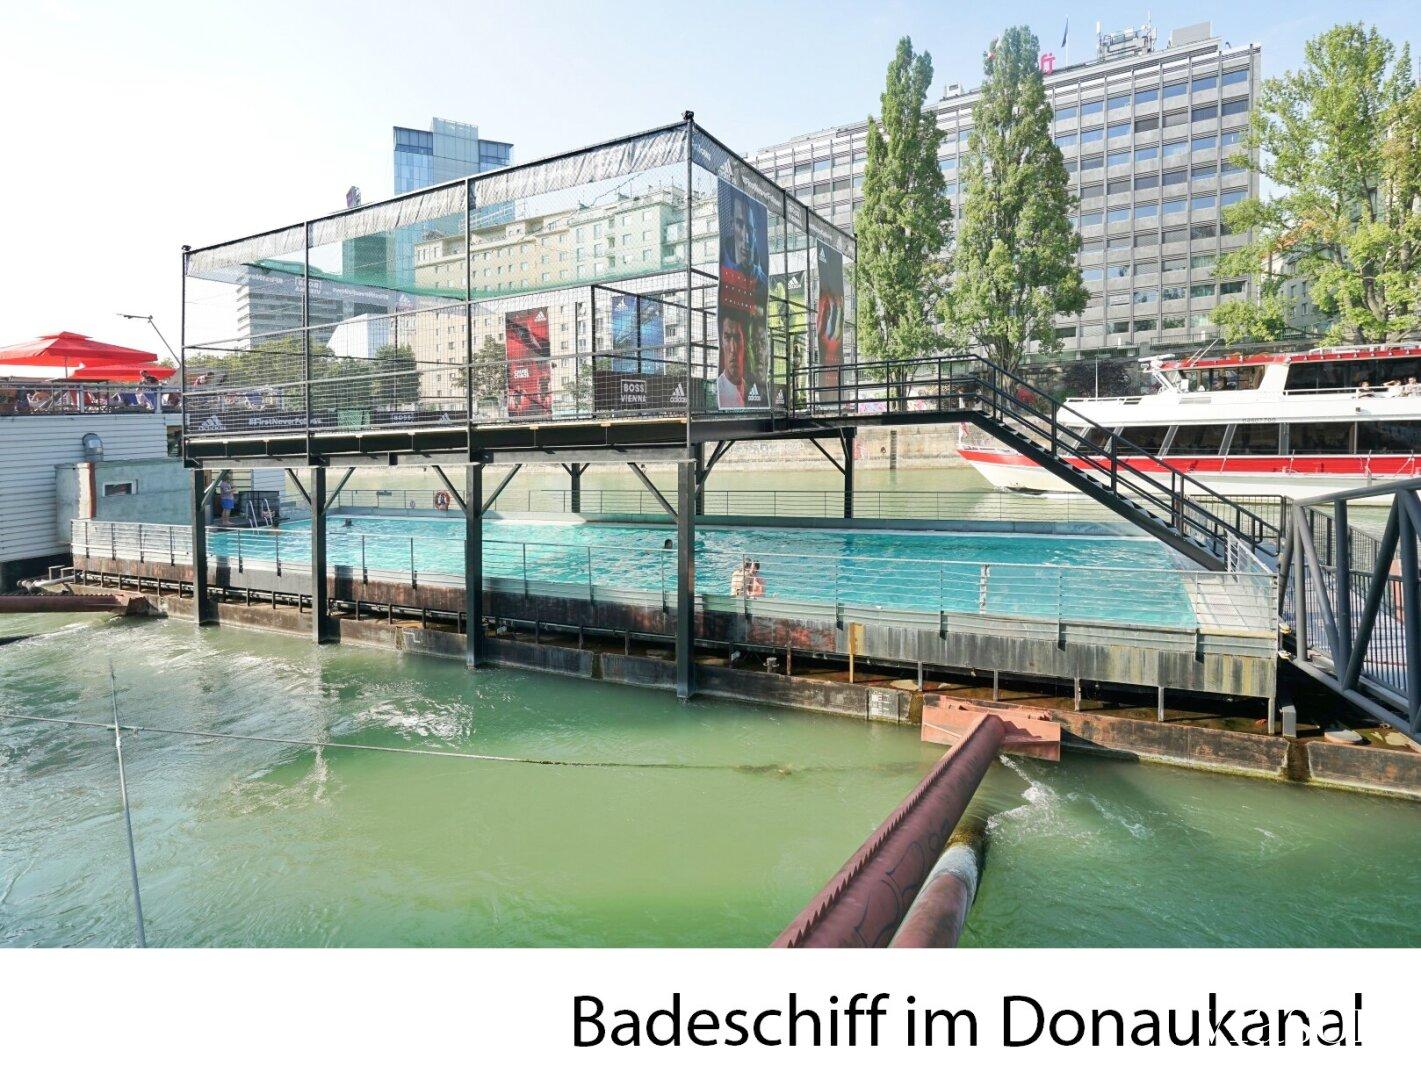 Badeschiff am Donaukanal